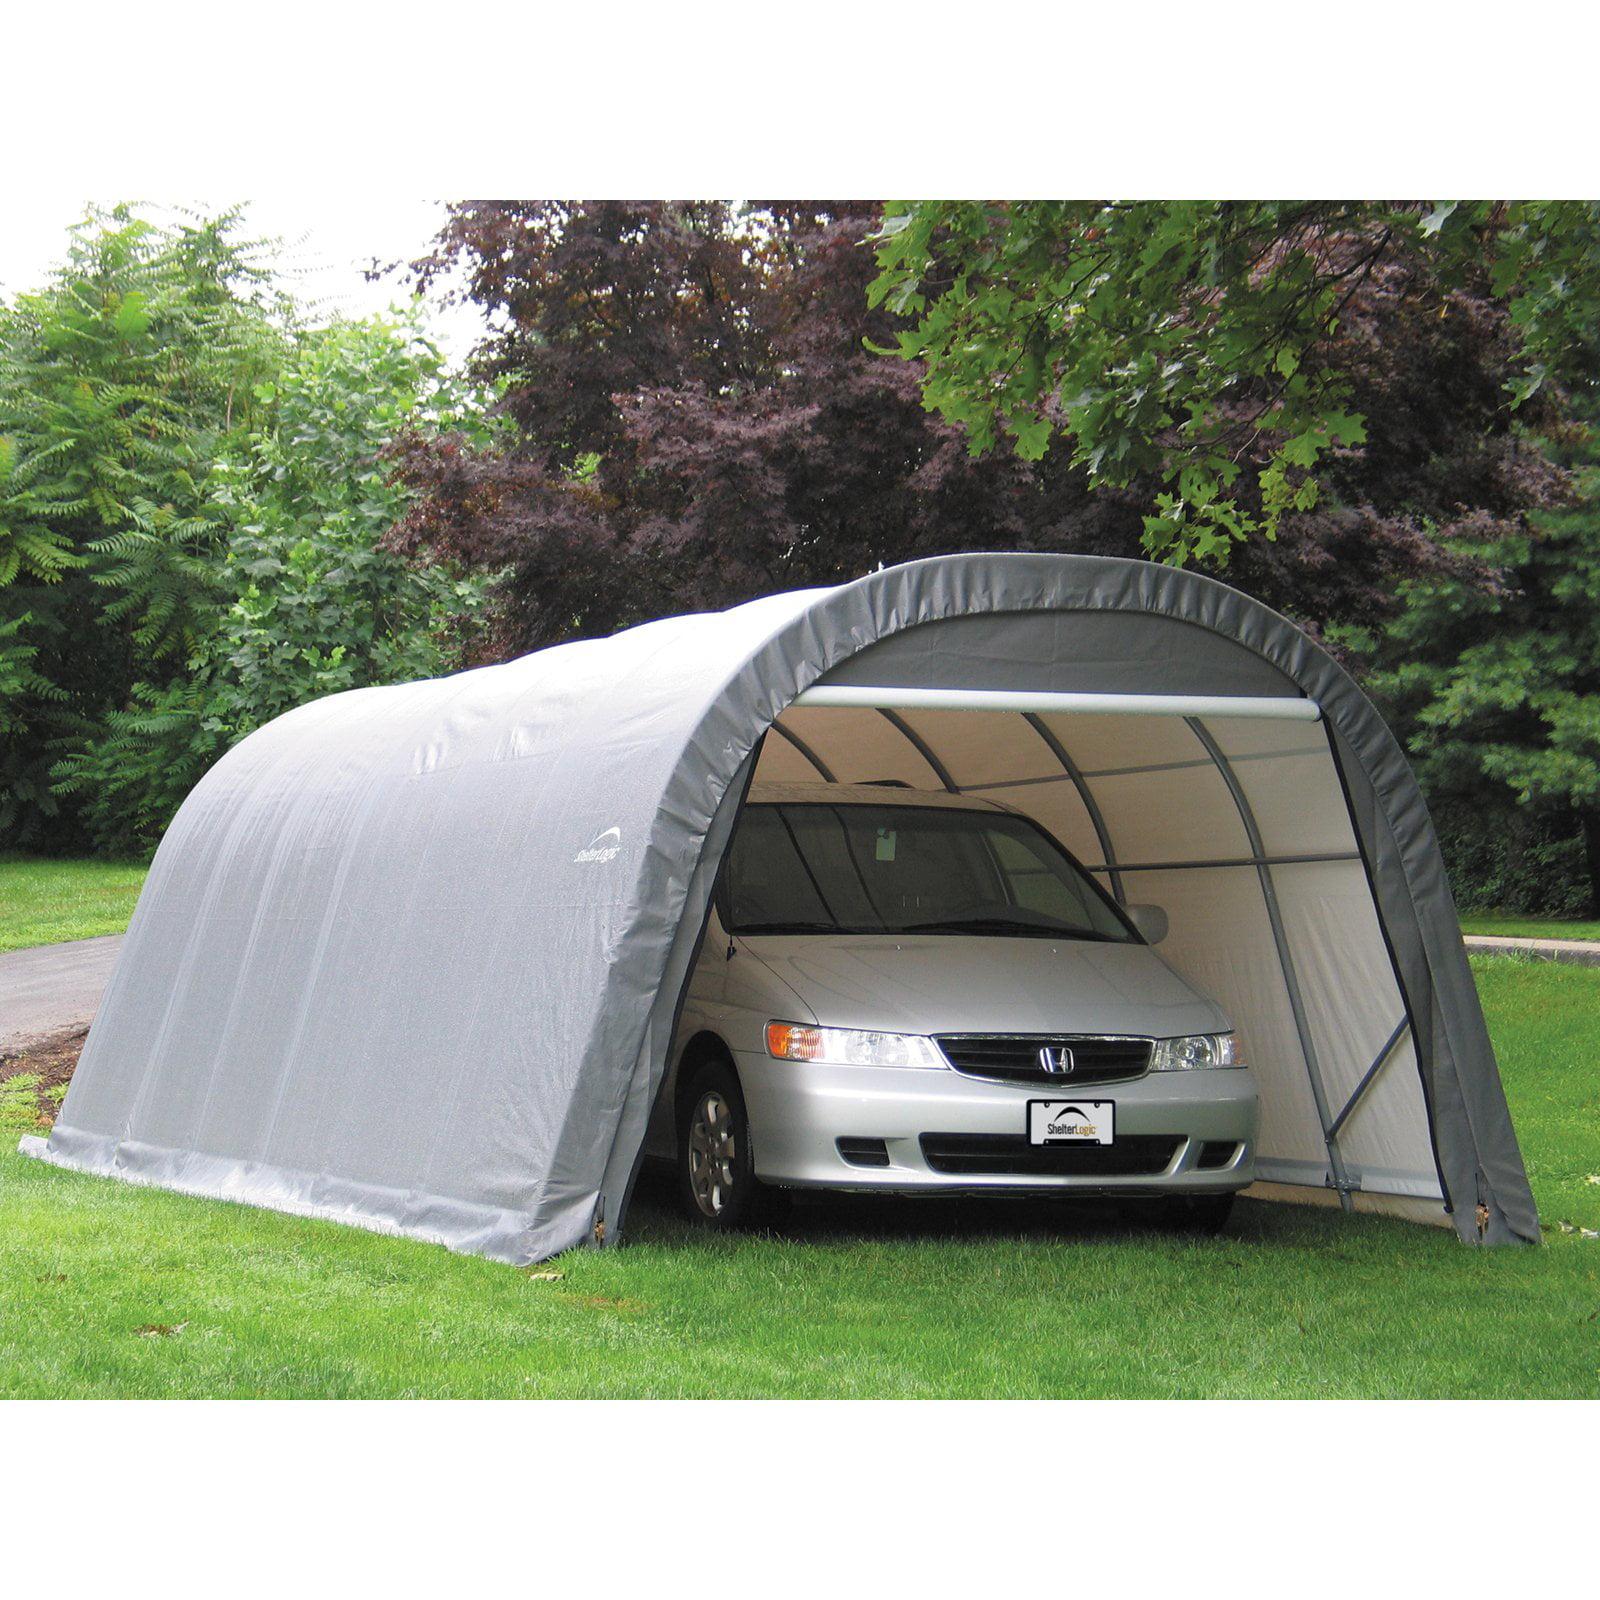 Click here to buy Shelterlogic 12' x 28' x 8' Round Style Shelter by ShelterLogic.